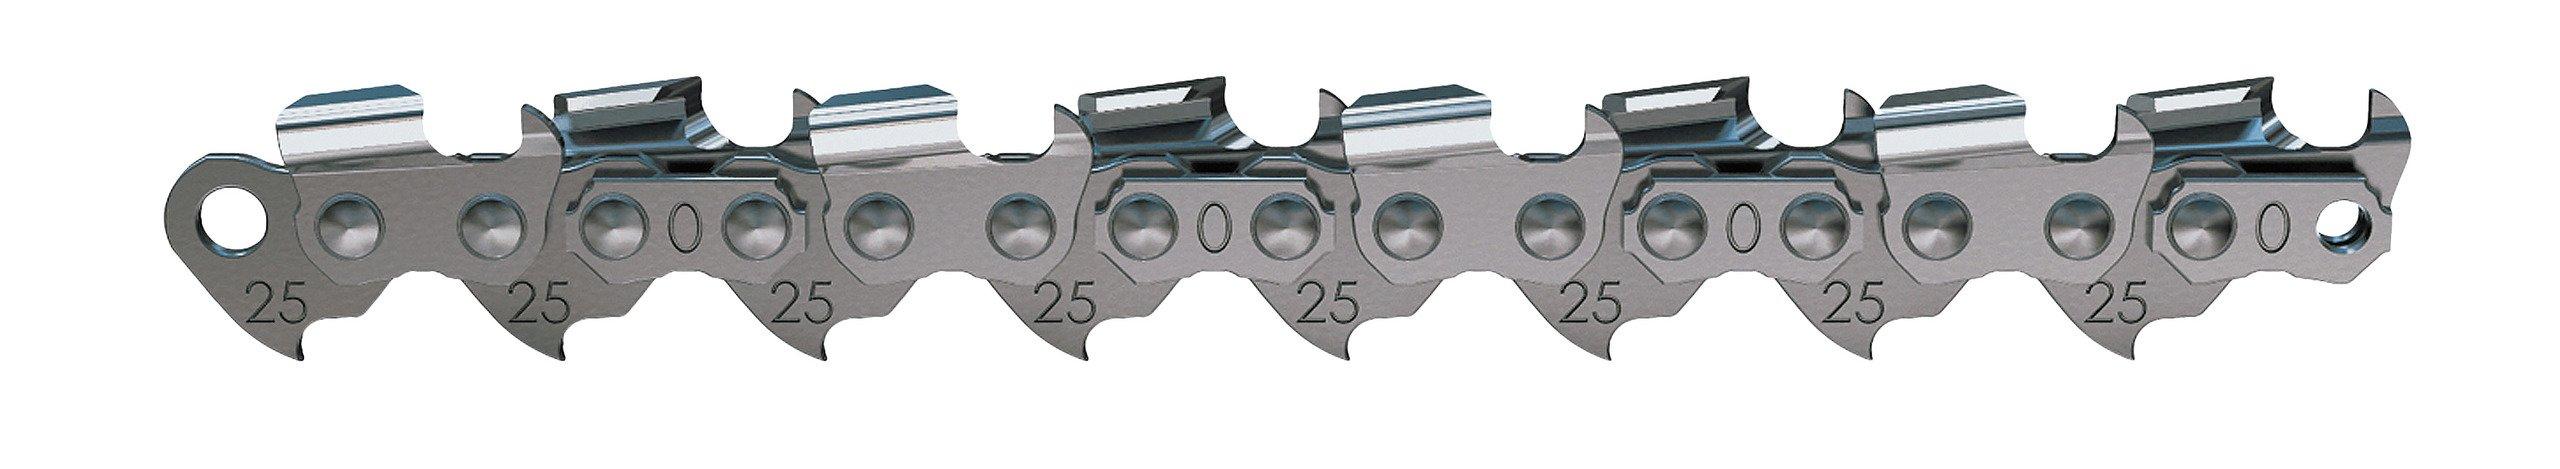 """Dominicus täyshammas carving teräketju 25FH 1/4"""" 1,3mm 64L"""